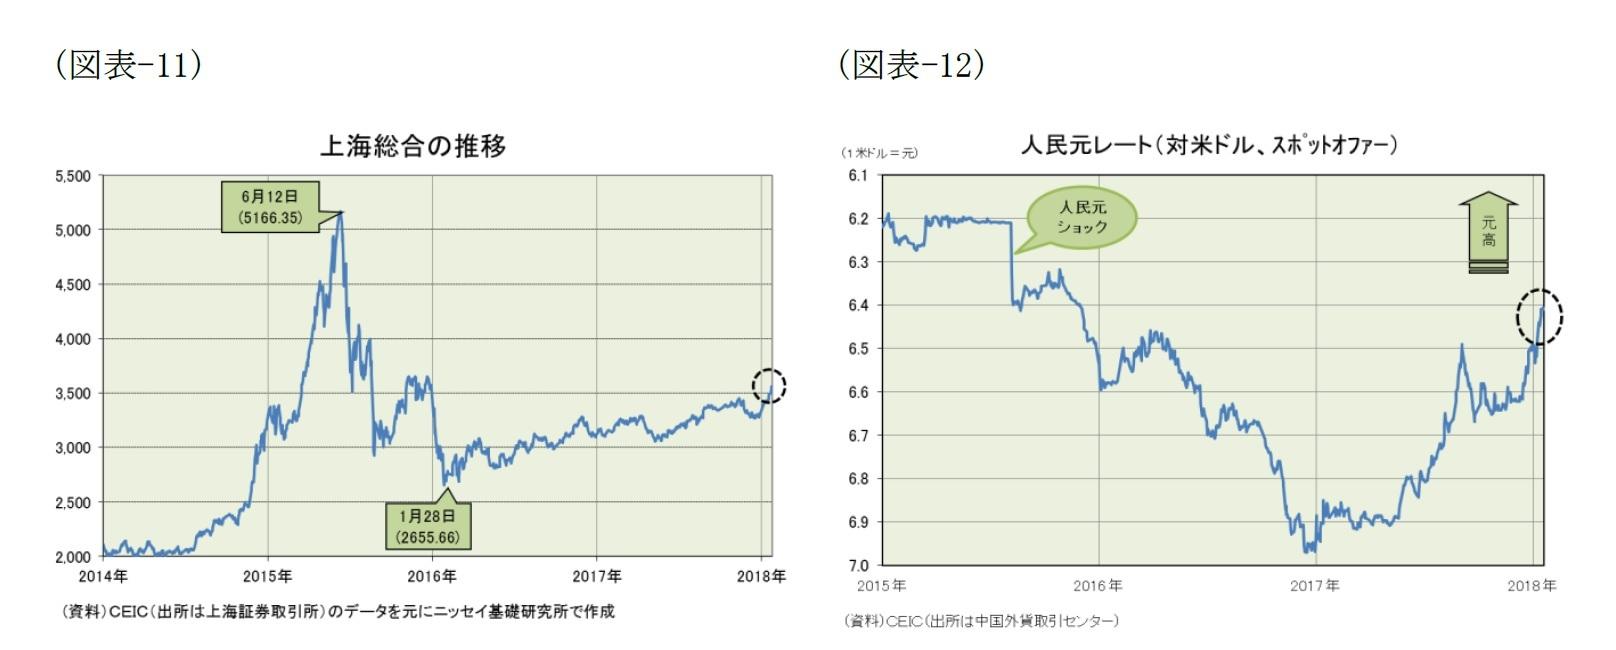 (図表-11)上海総合の推移/(図表-12)人民元レート(対米ドル、スポットオファー)